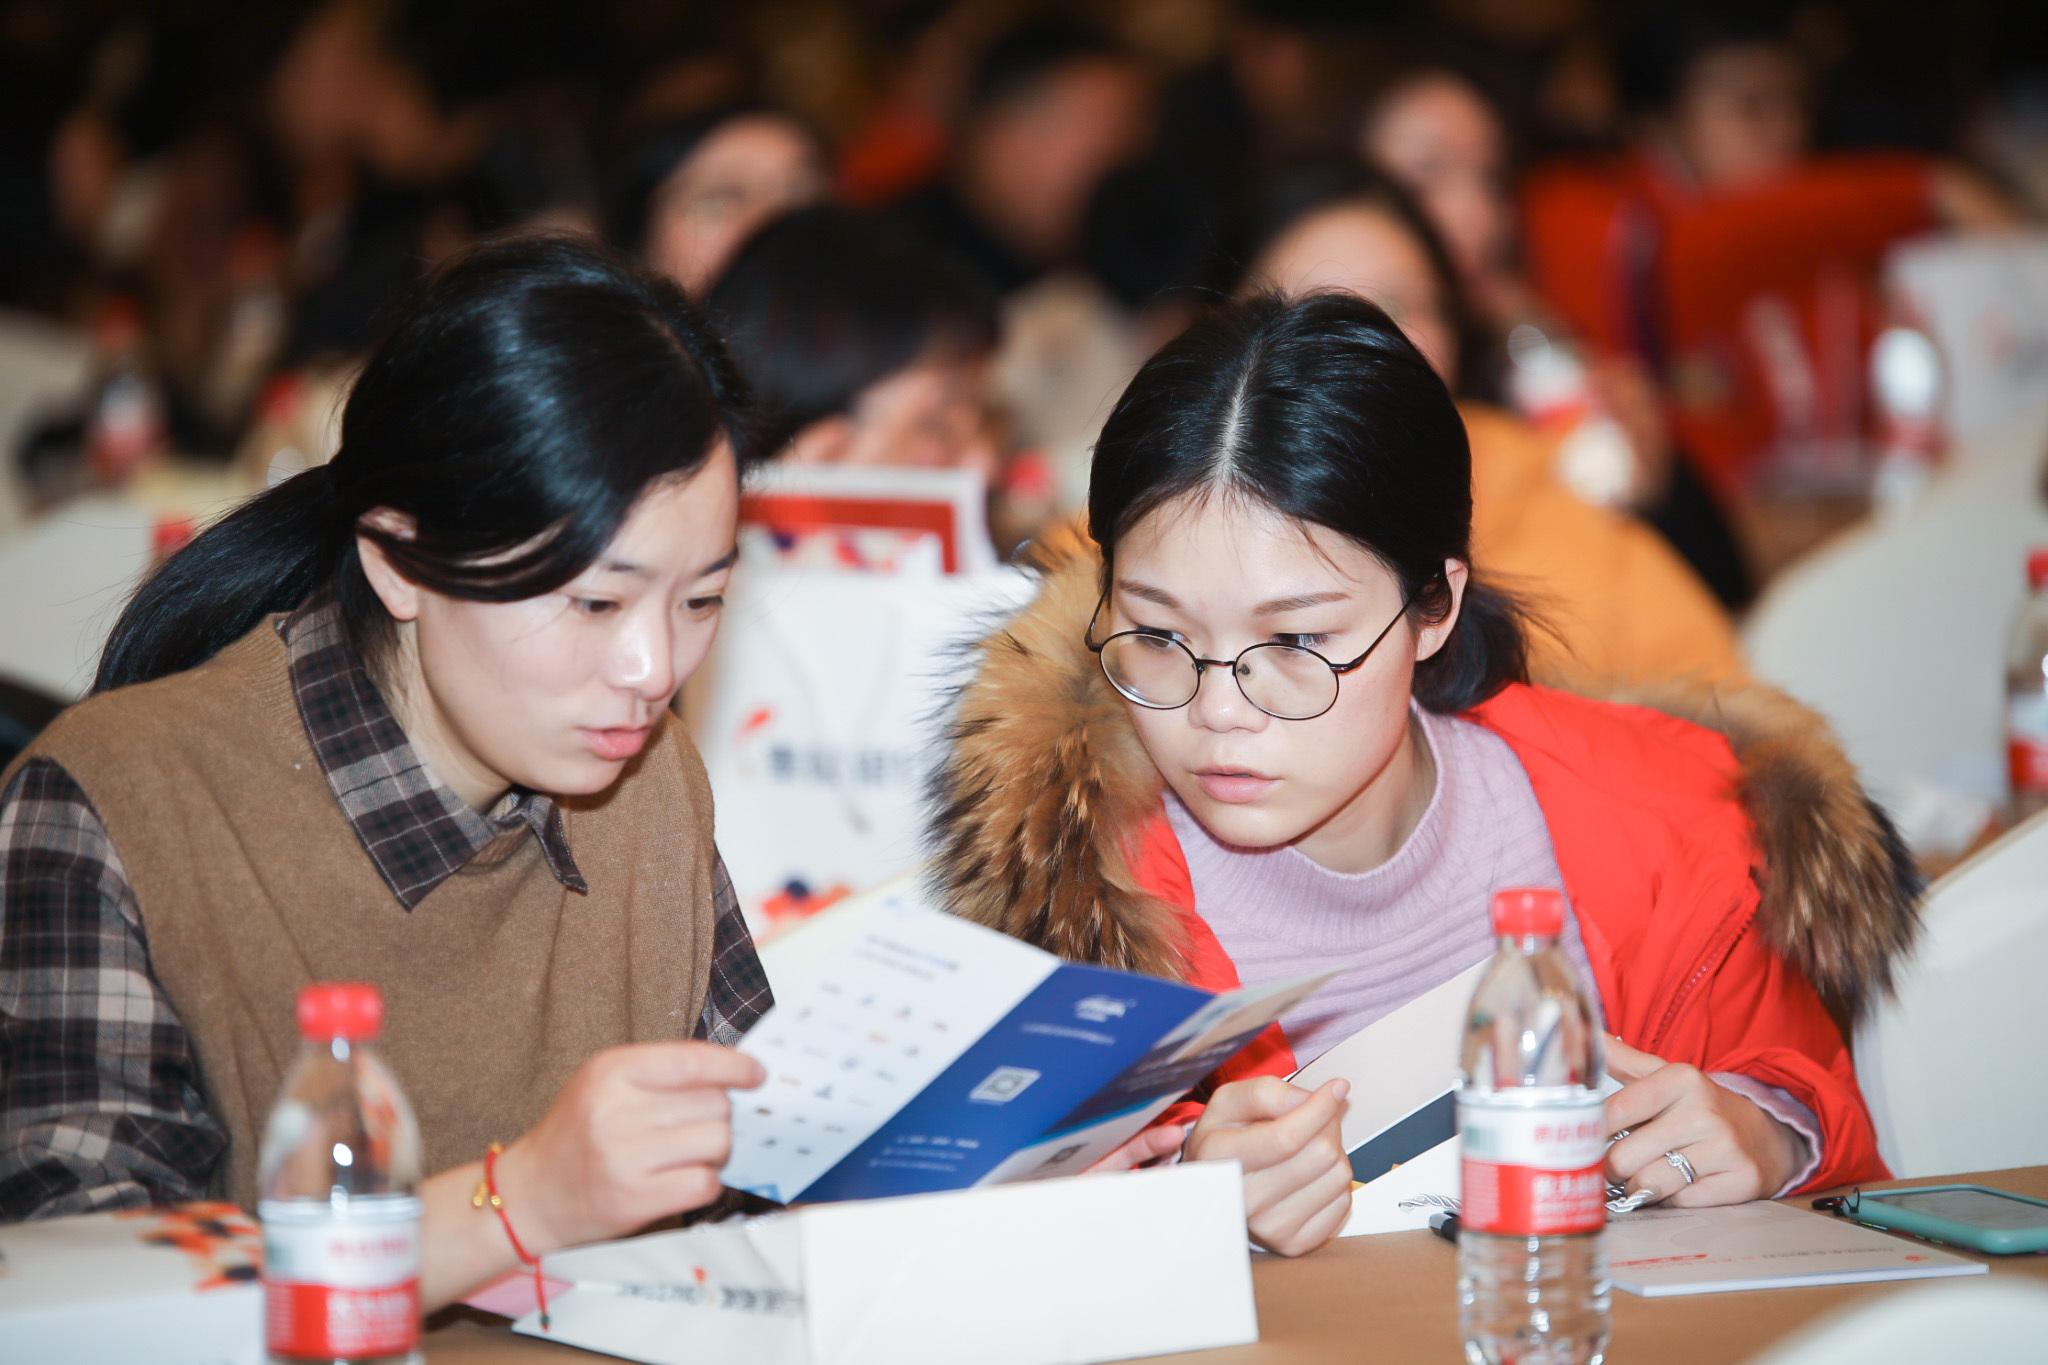 泛嘉联合杭市科委 | 以商旅服务助力科技型初创企业新增长